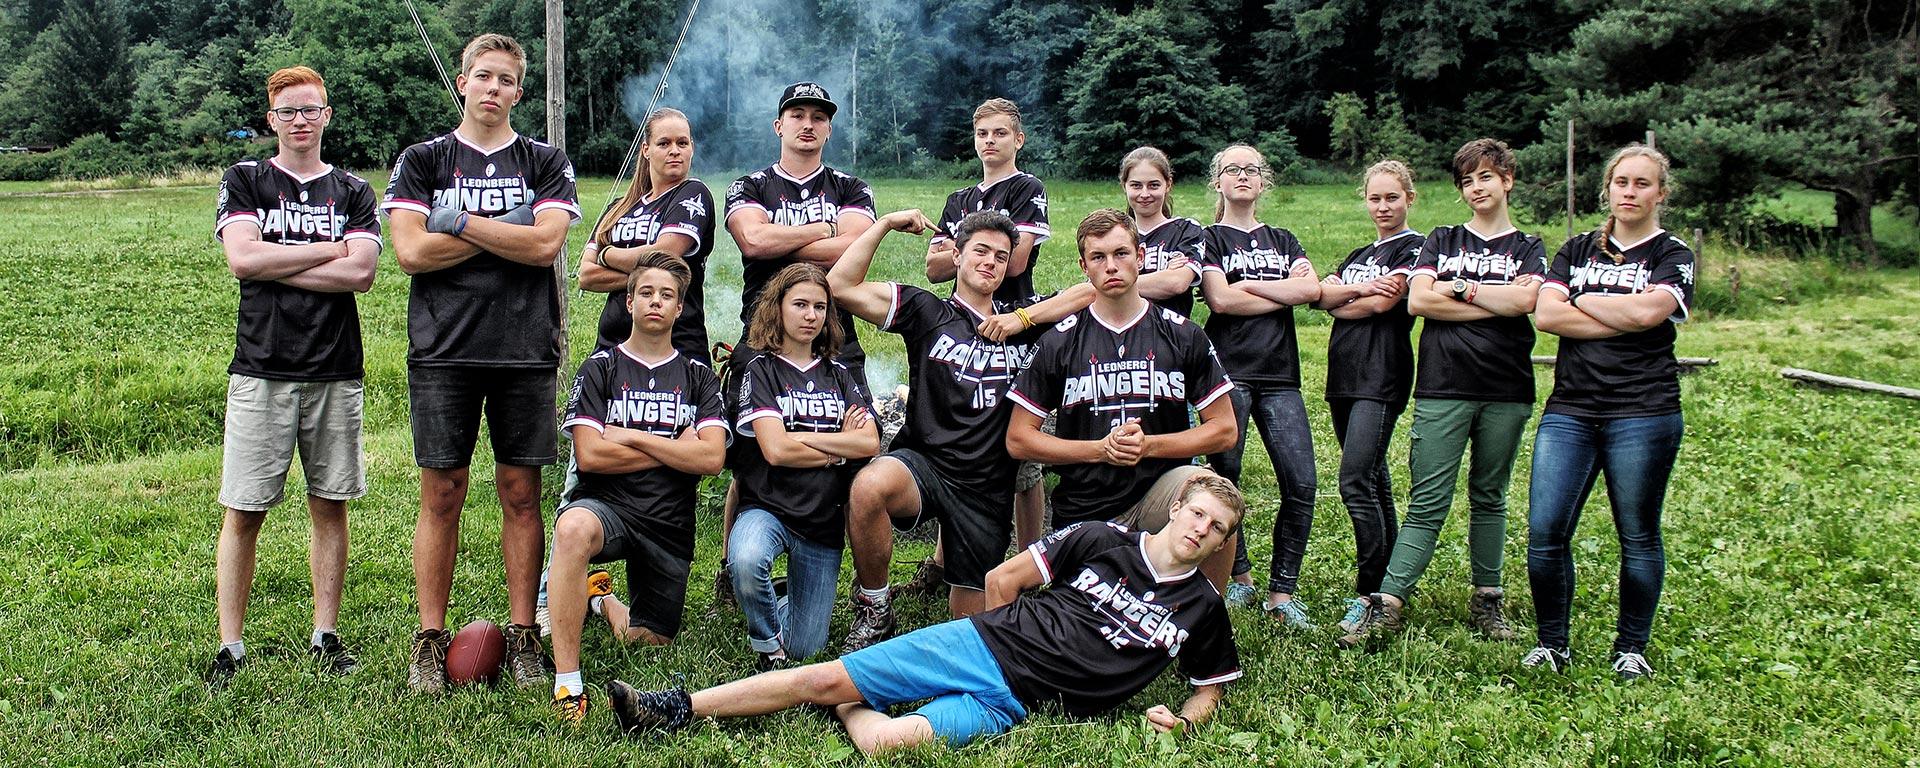 Das erste Team der RangerFootballLeague(RFL)